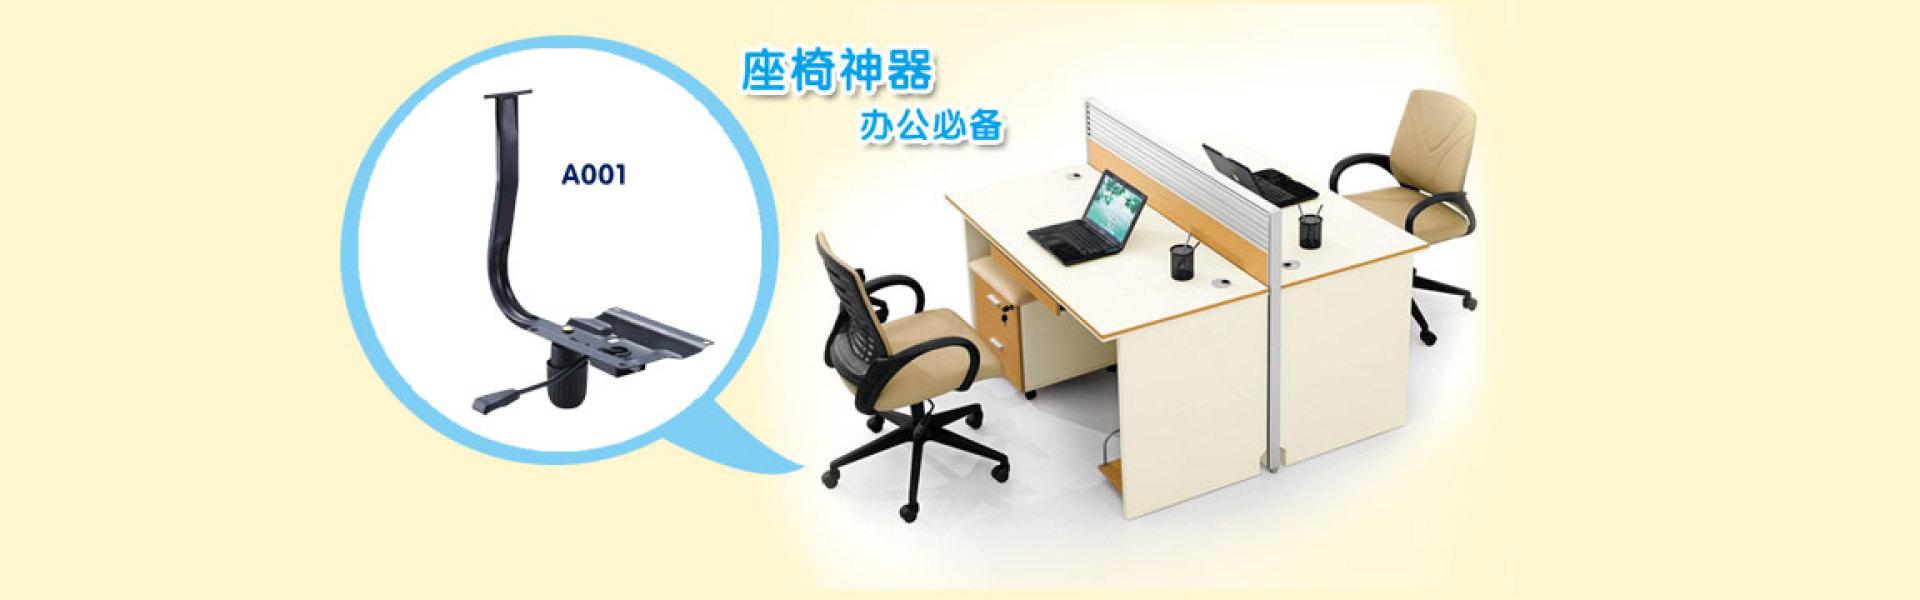 高要市金利镇利鑫五金厂主要产品有转椅配件、办公椅底盘、办公椅配件、转椅底盘、转椅托盘.